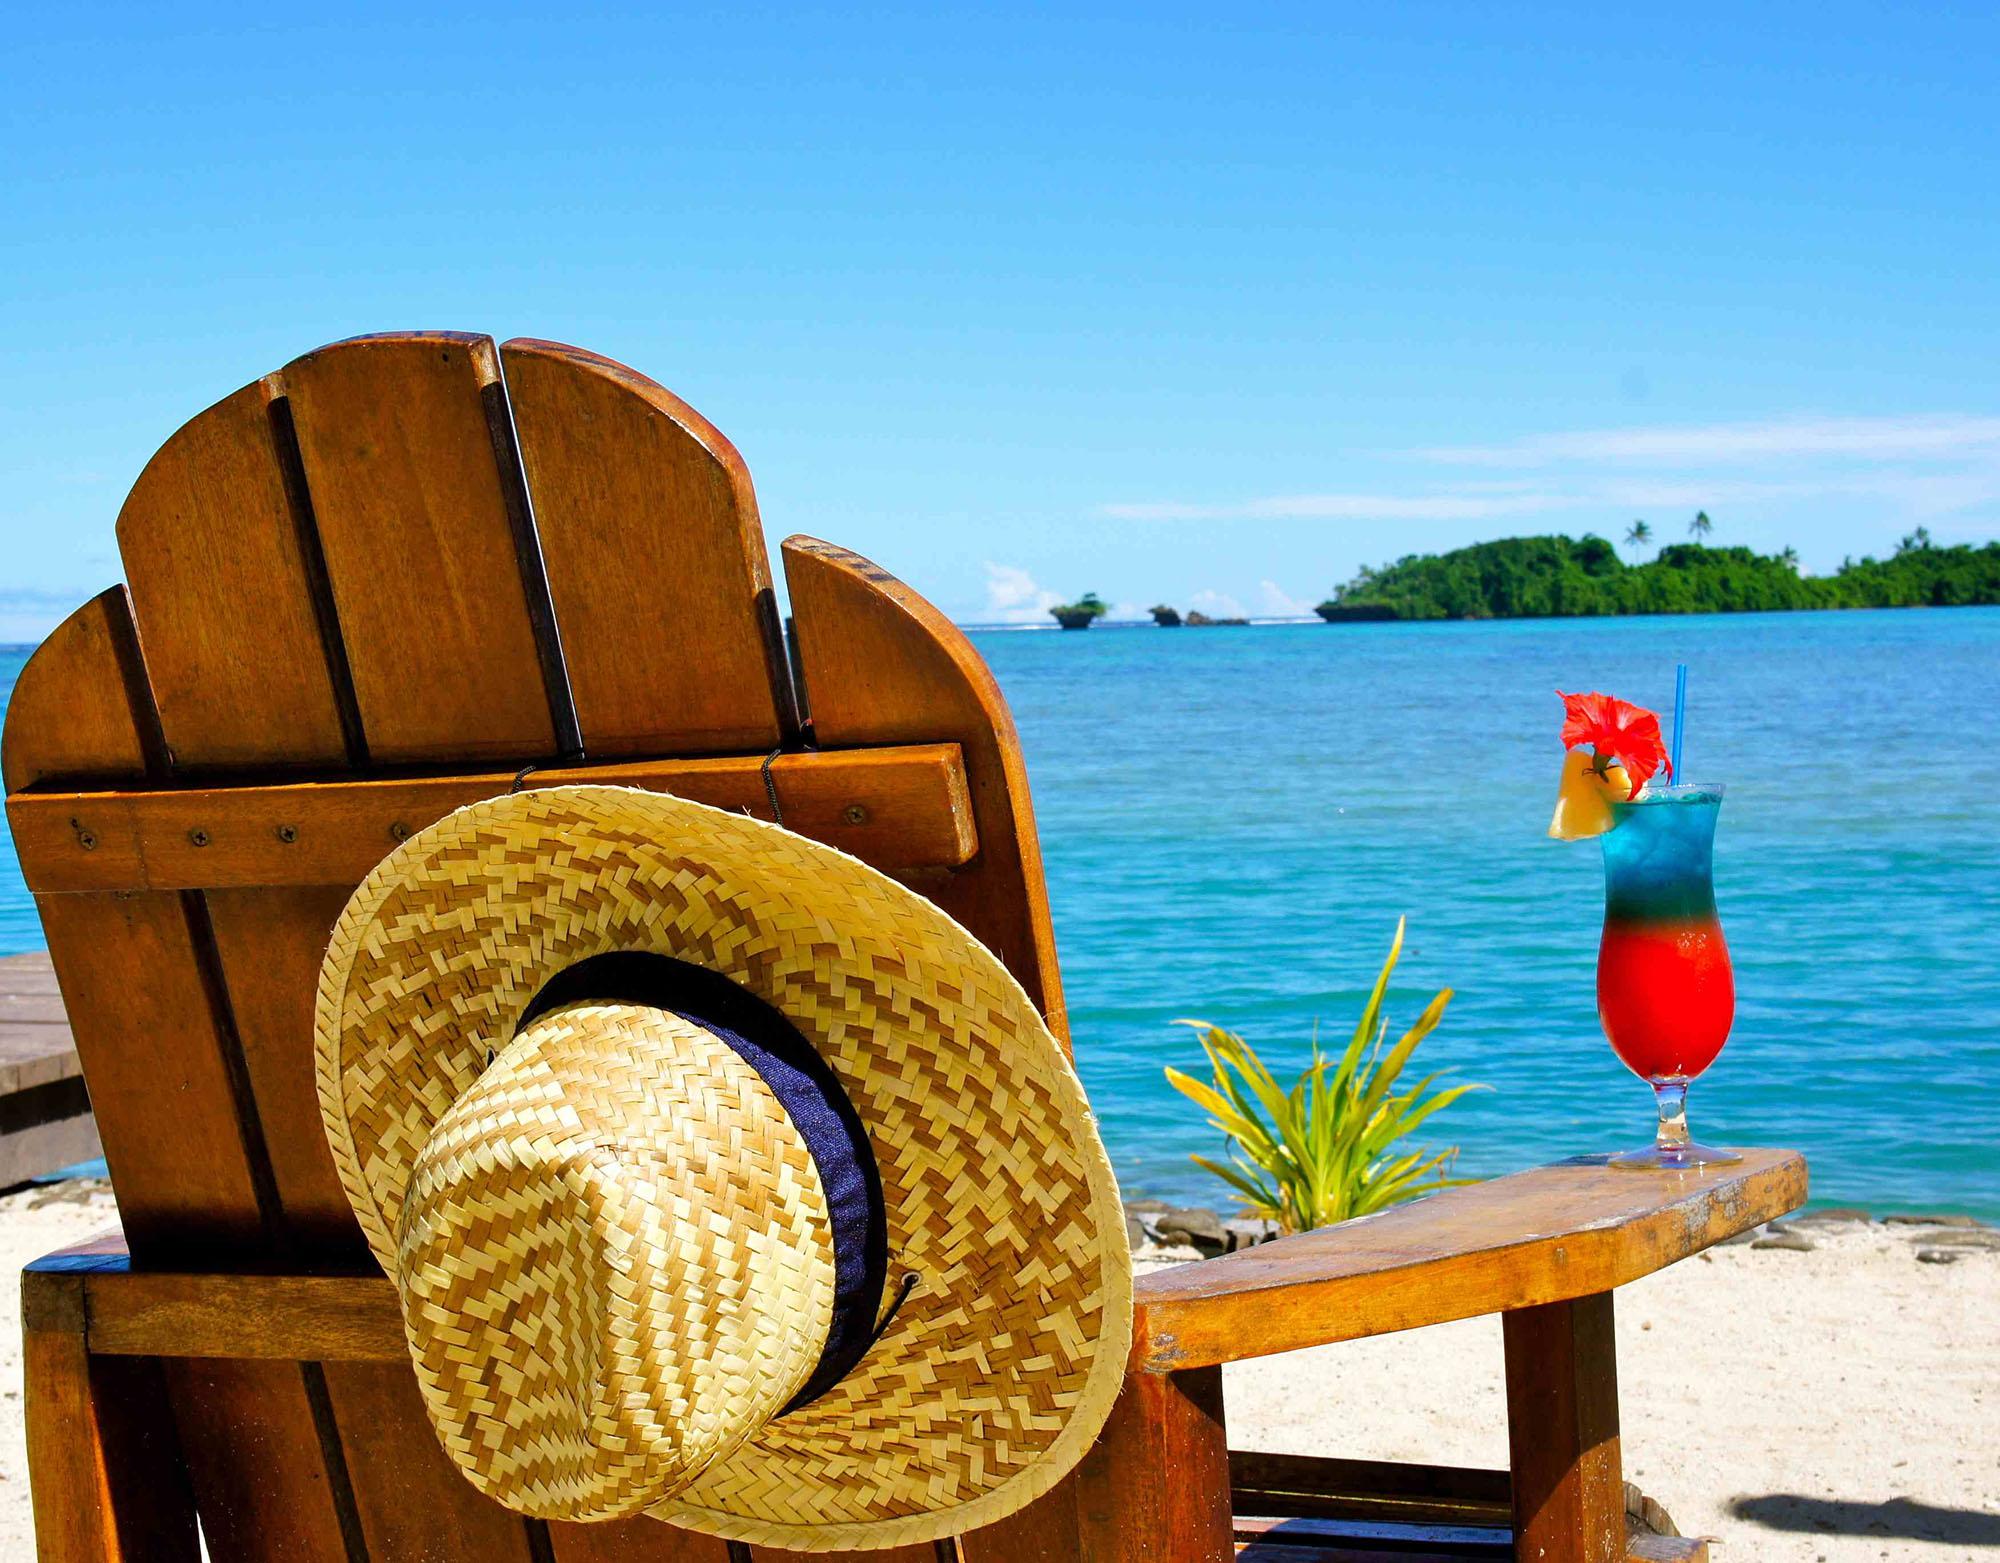 party-in-spiaggia-consigli-per-organizzare-festa